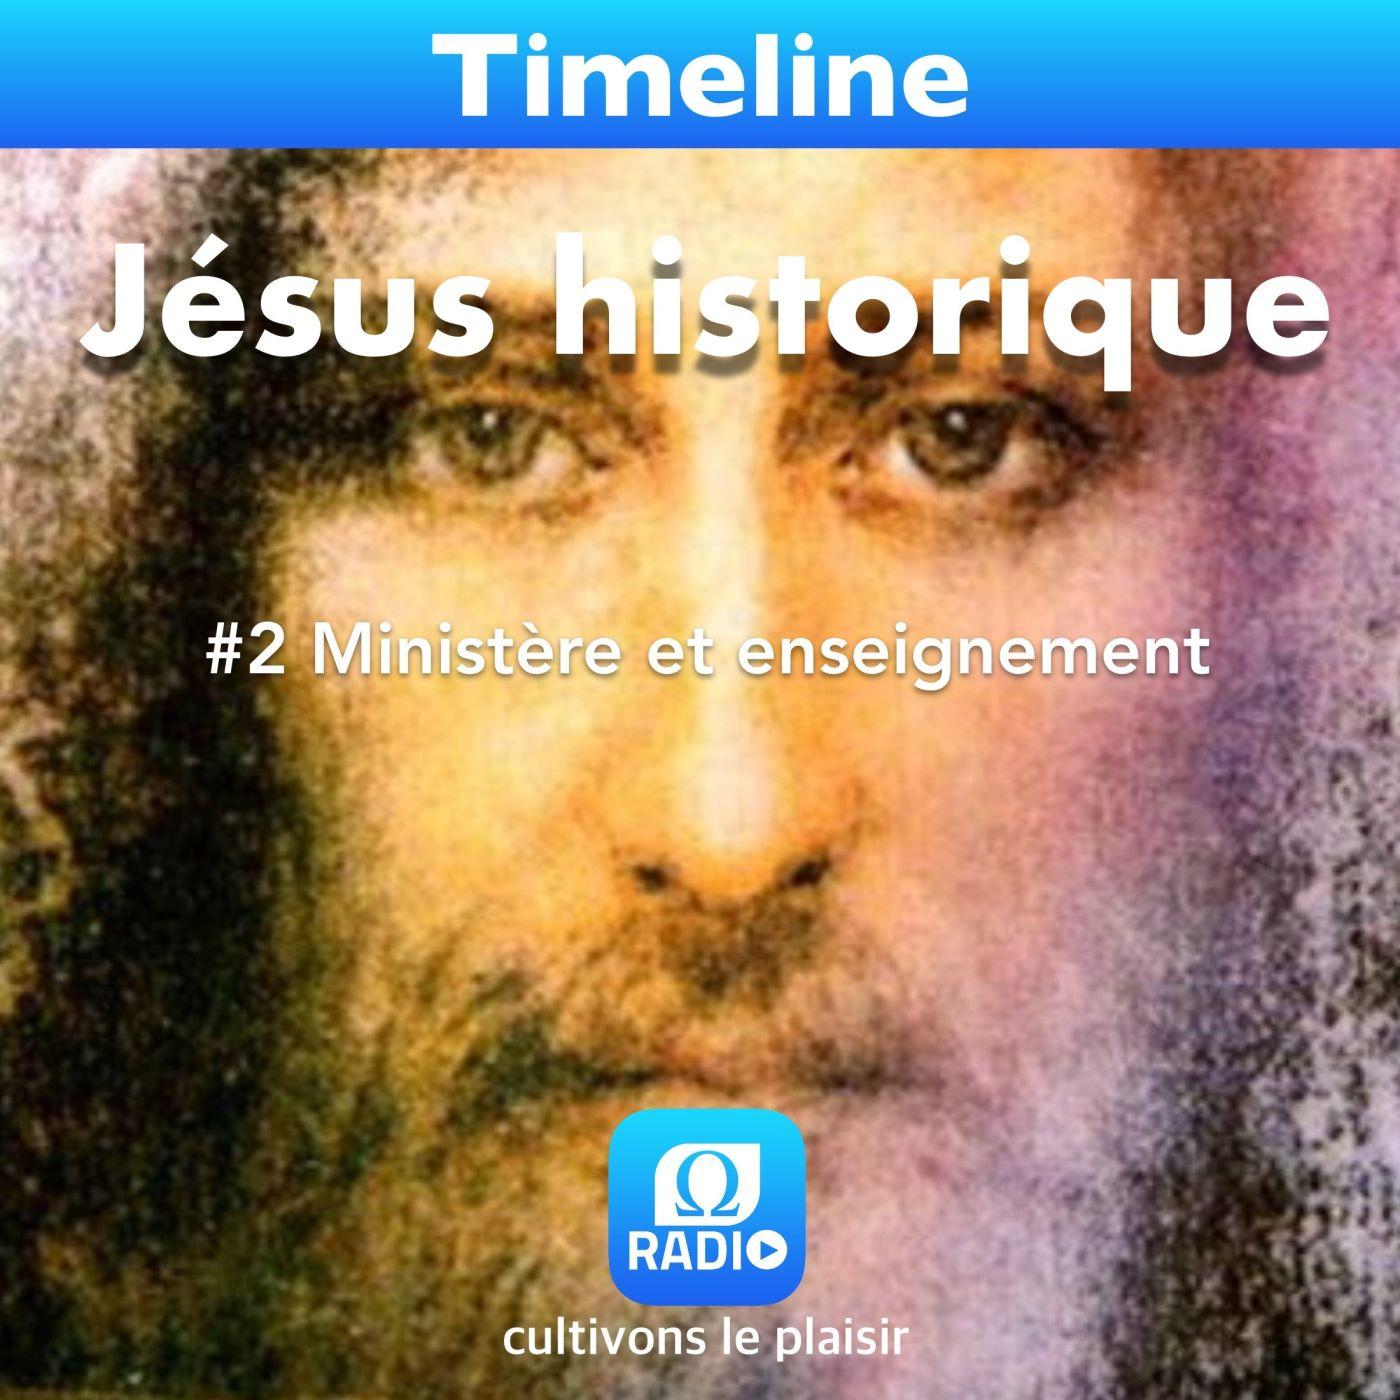 Jesus historique #2 Ministère et enseignement